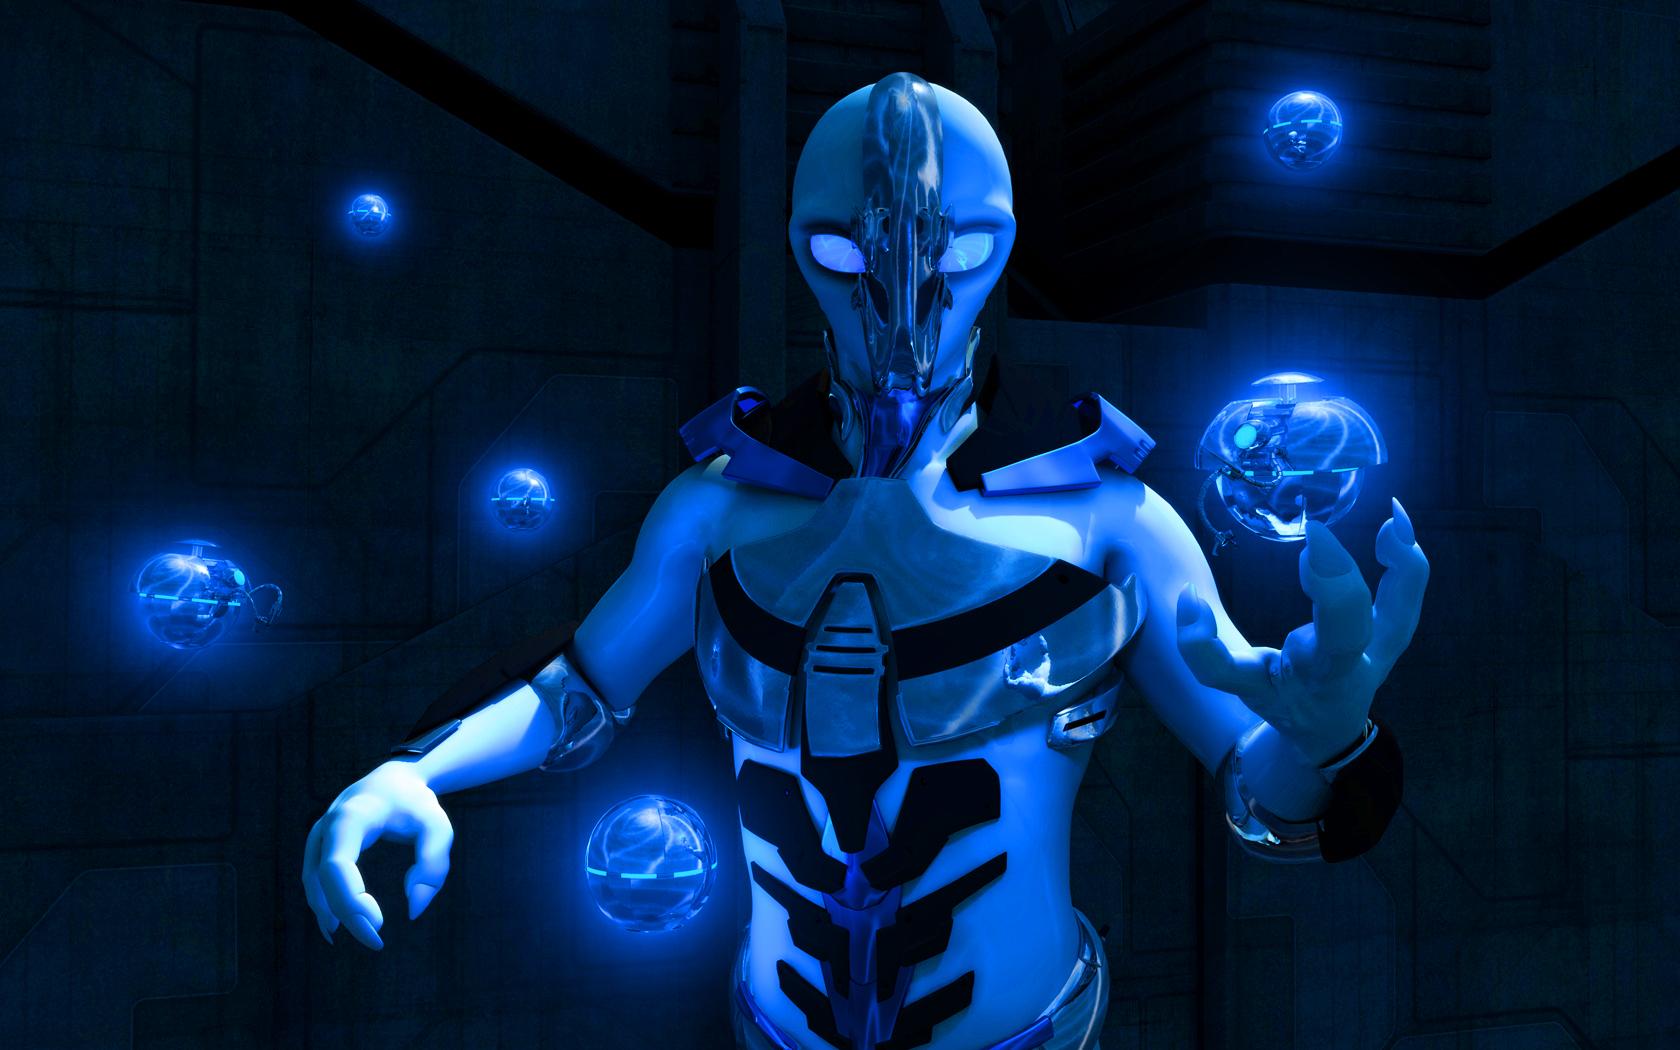 Blue Alien Wallpaper wallpaper Blue Alien Wallpaper hd wallpaper 1680x1050